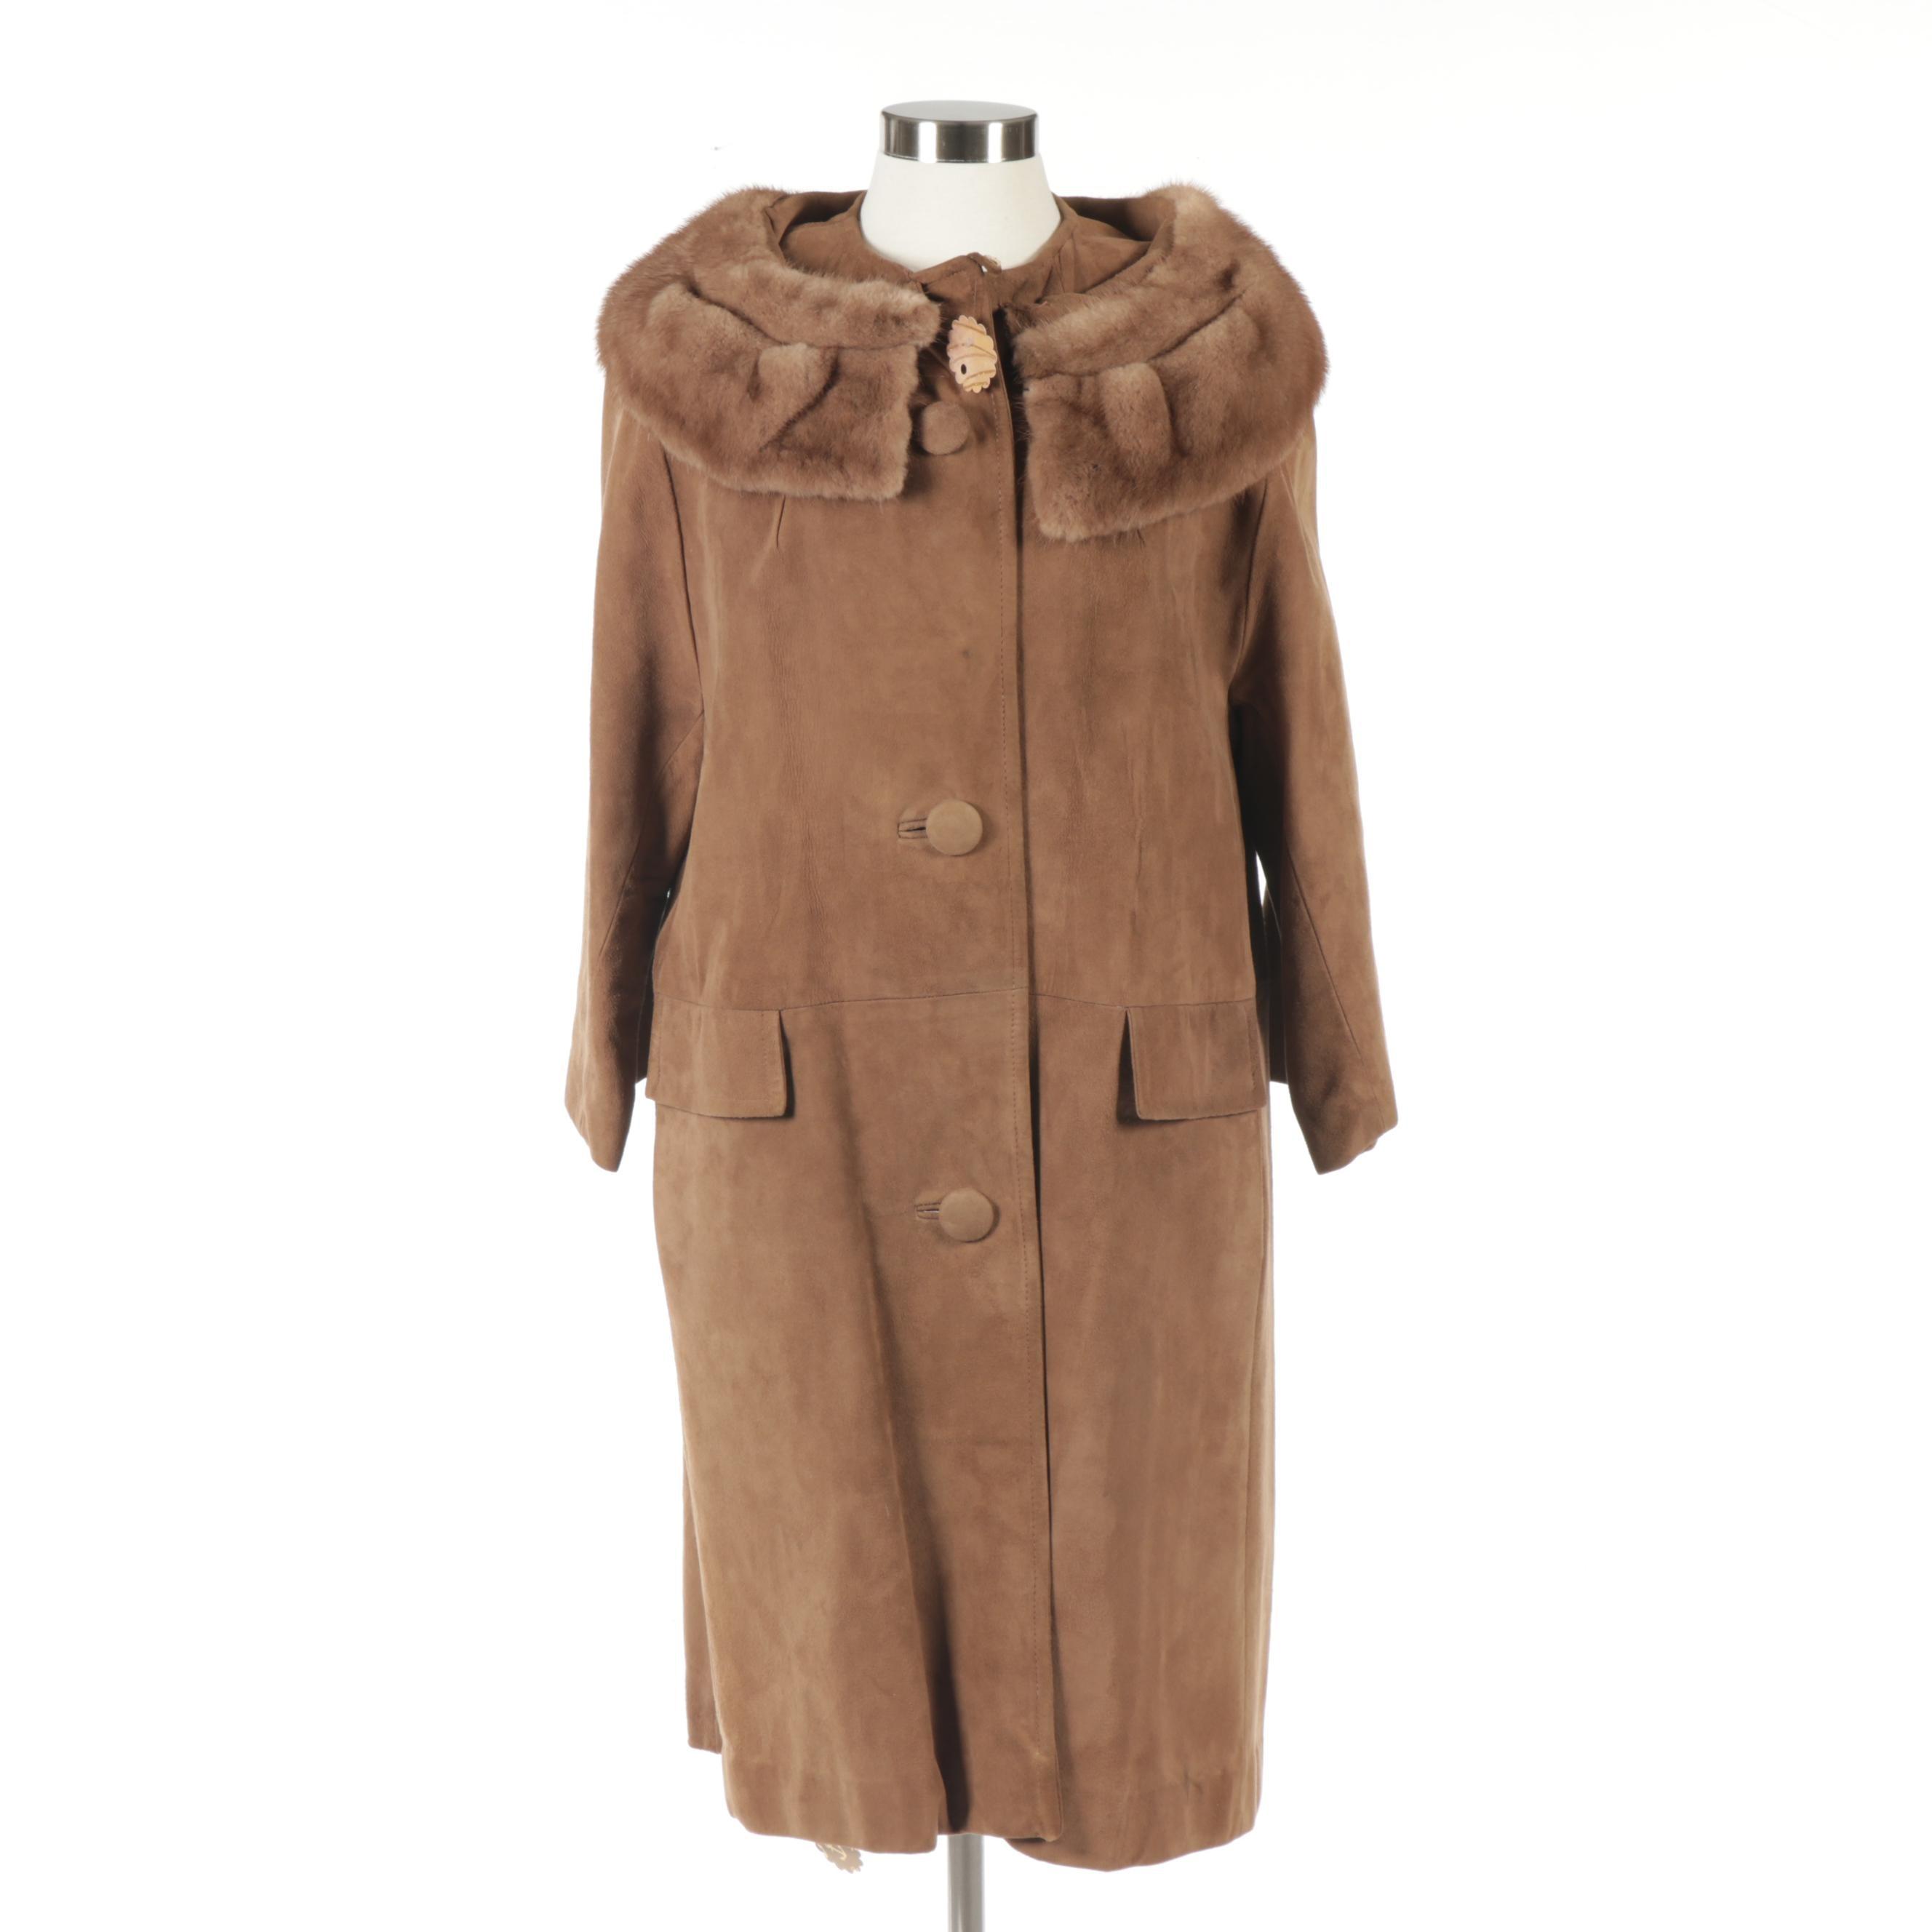 Women's Suede Coat with Mink Fur Collar, Vintage